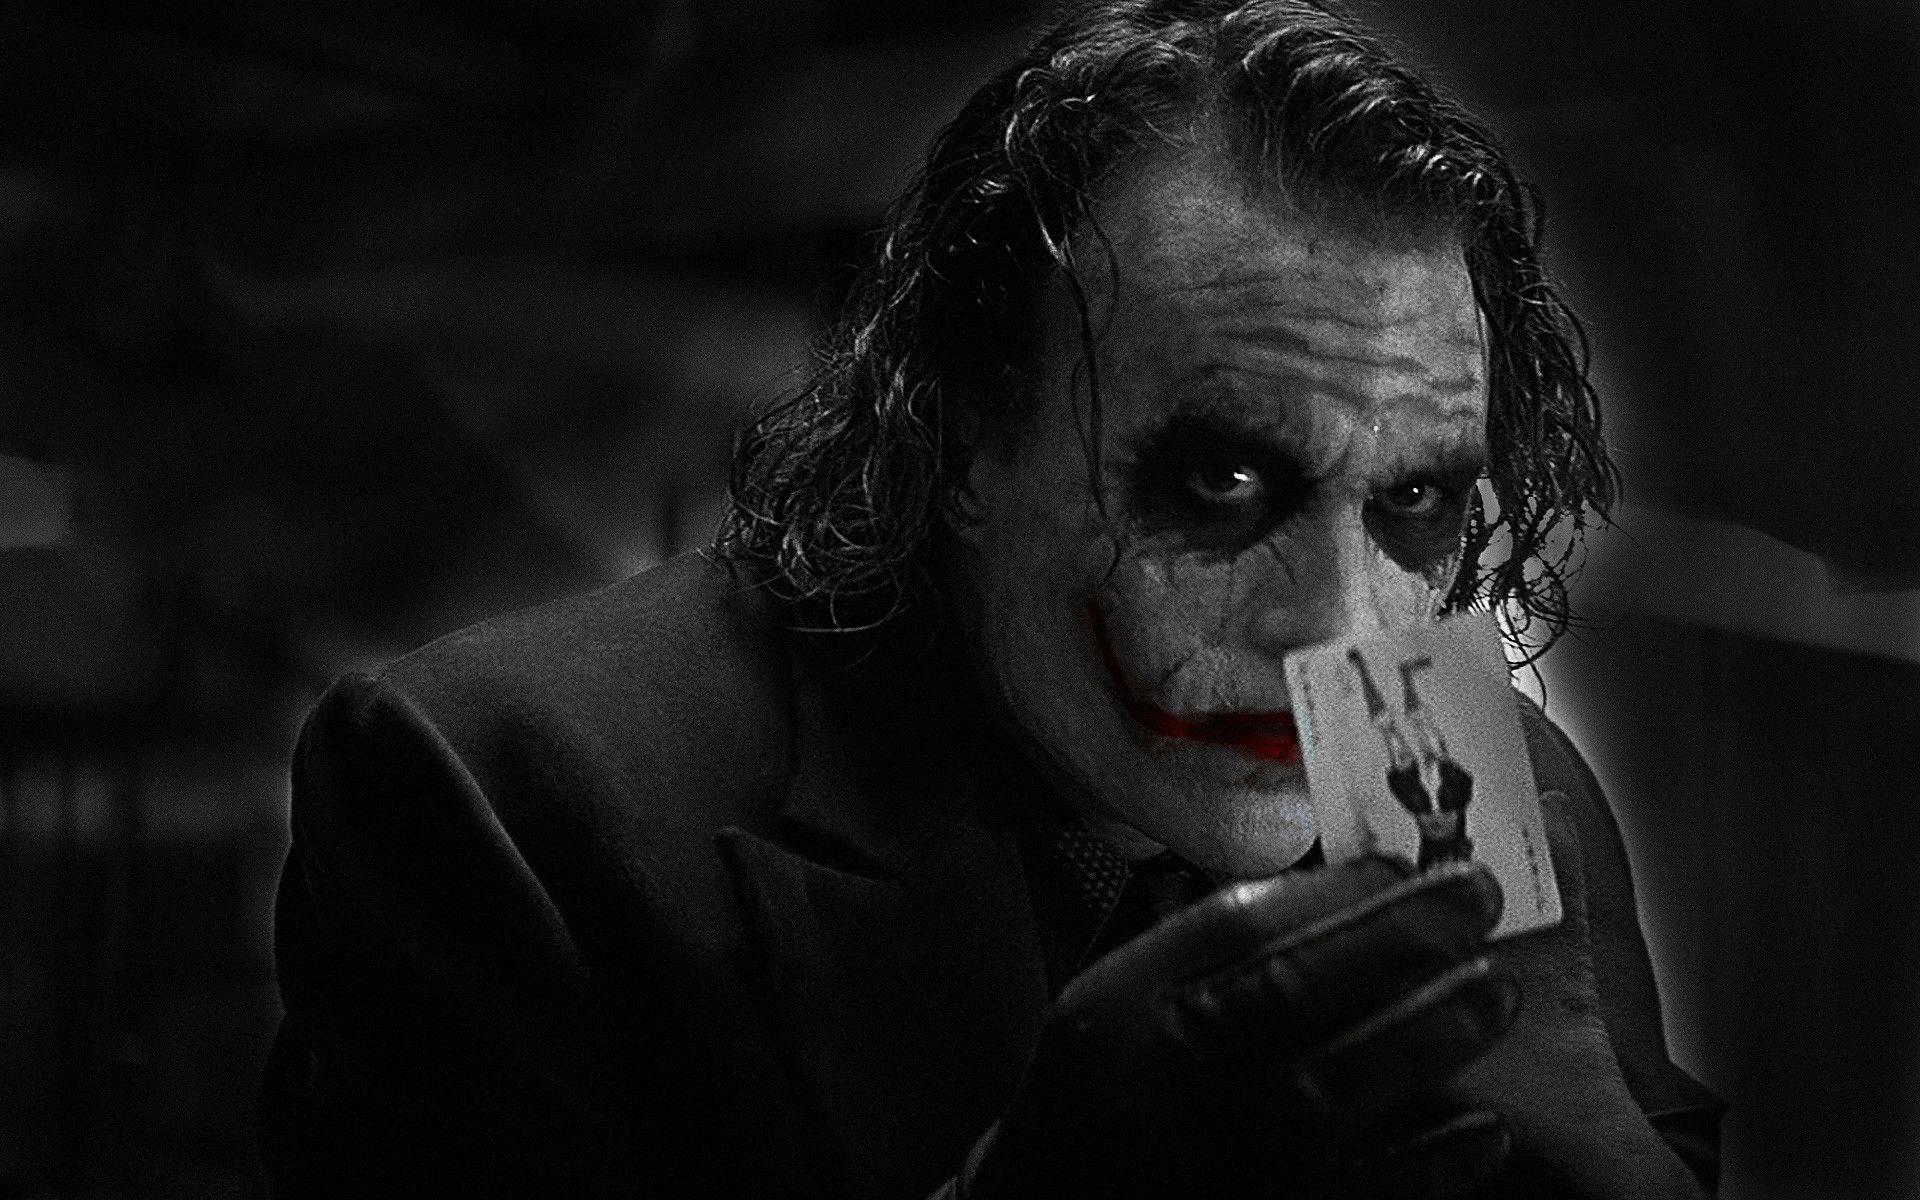 Joker Wallpapers Free Modern Joker Wallpapers Fungyung